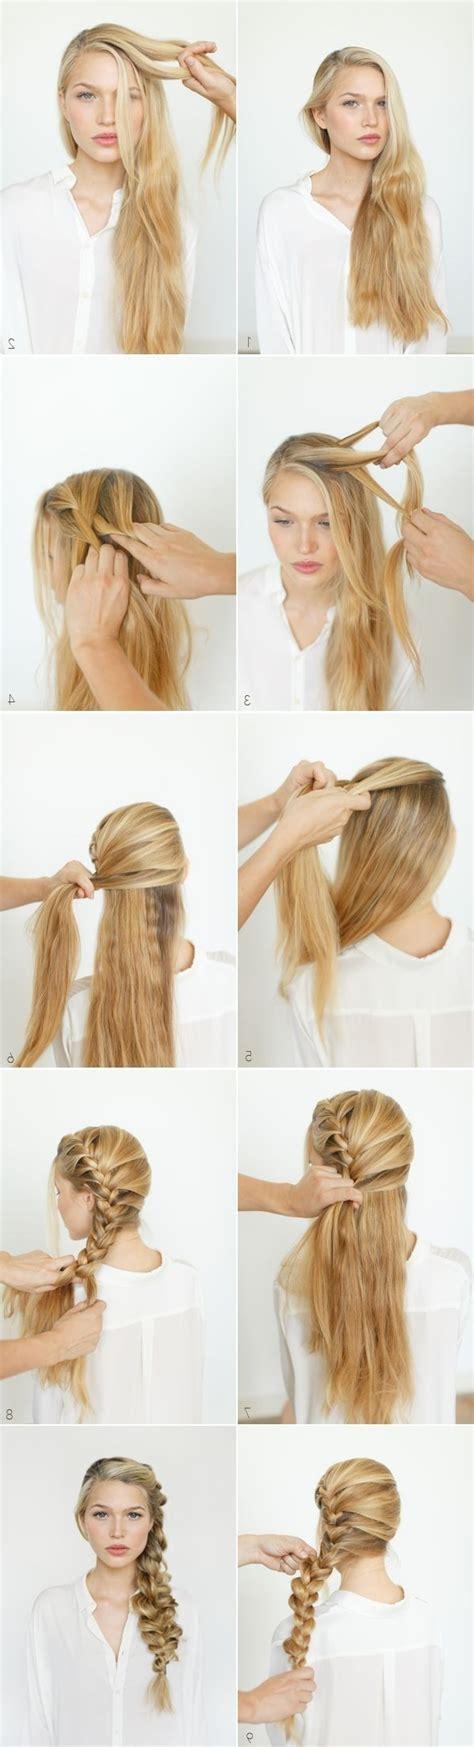 step by step braid short hair braided hairstyles for short hair step by step hairstyle